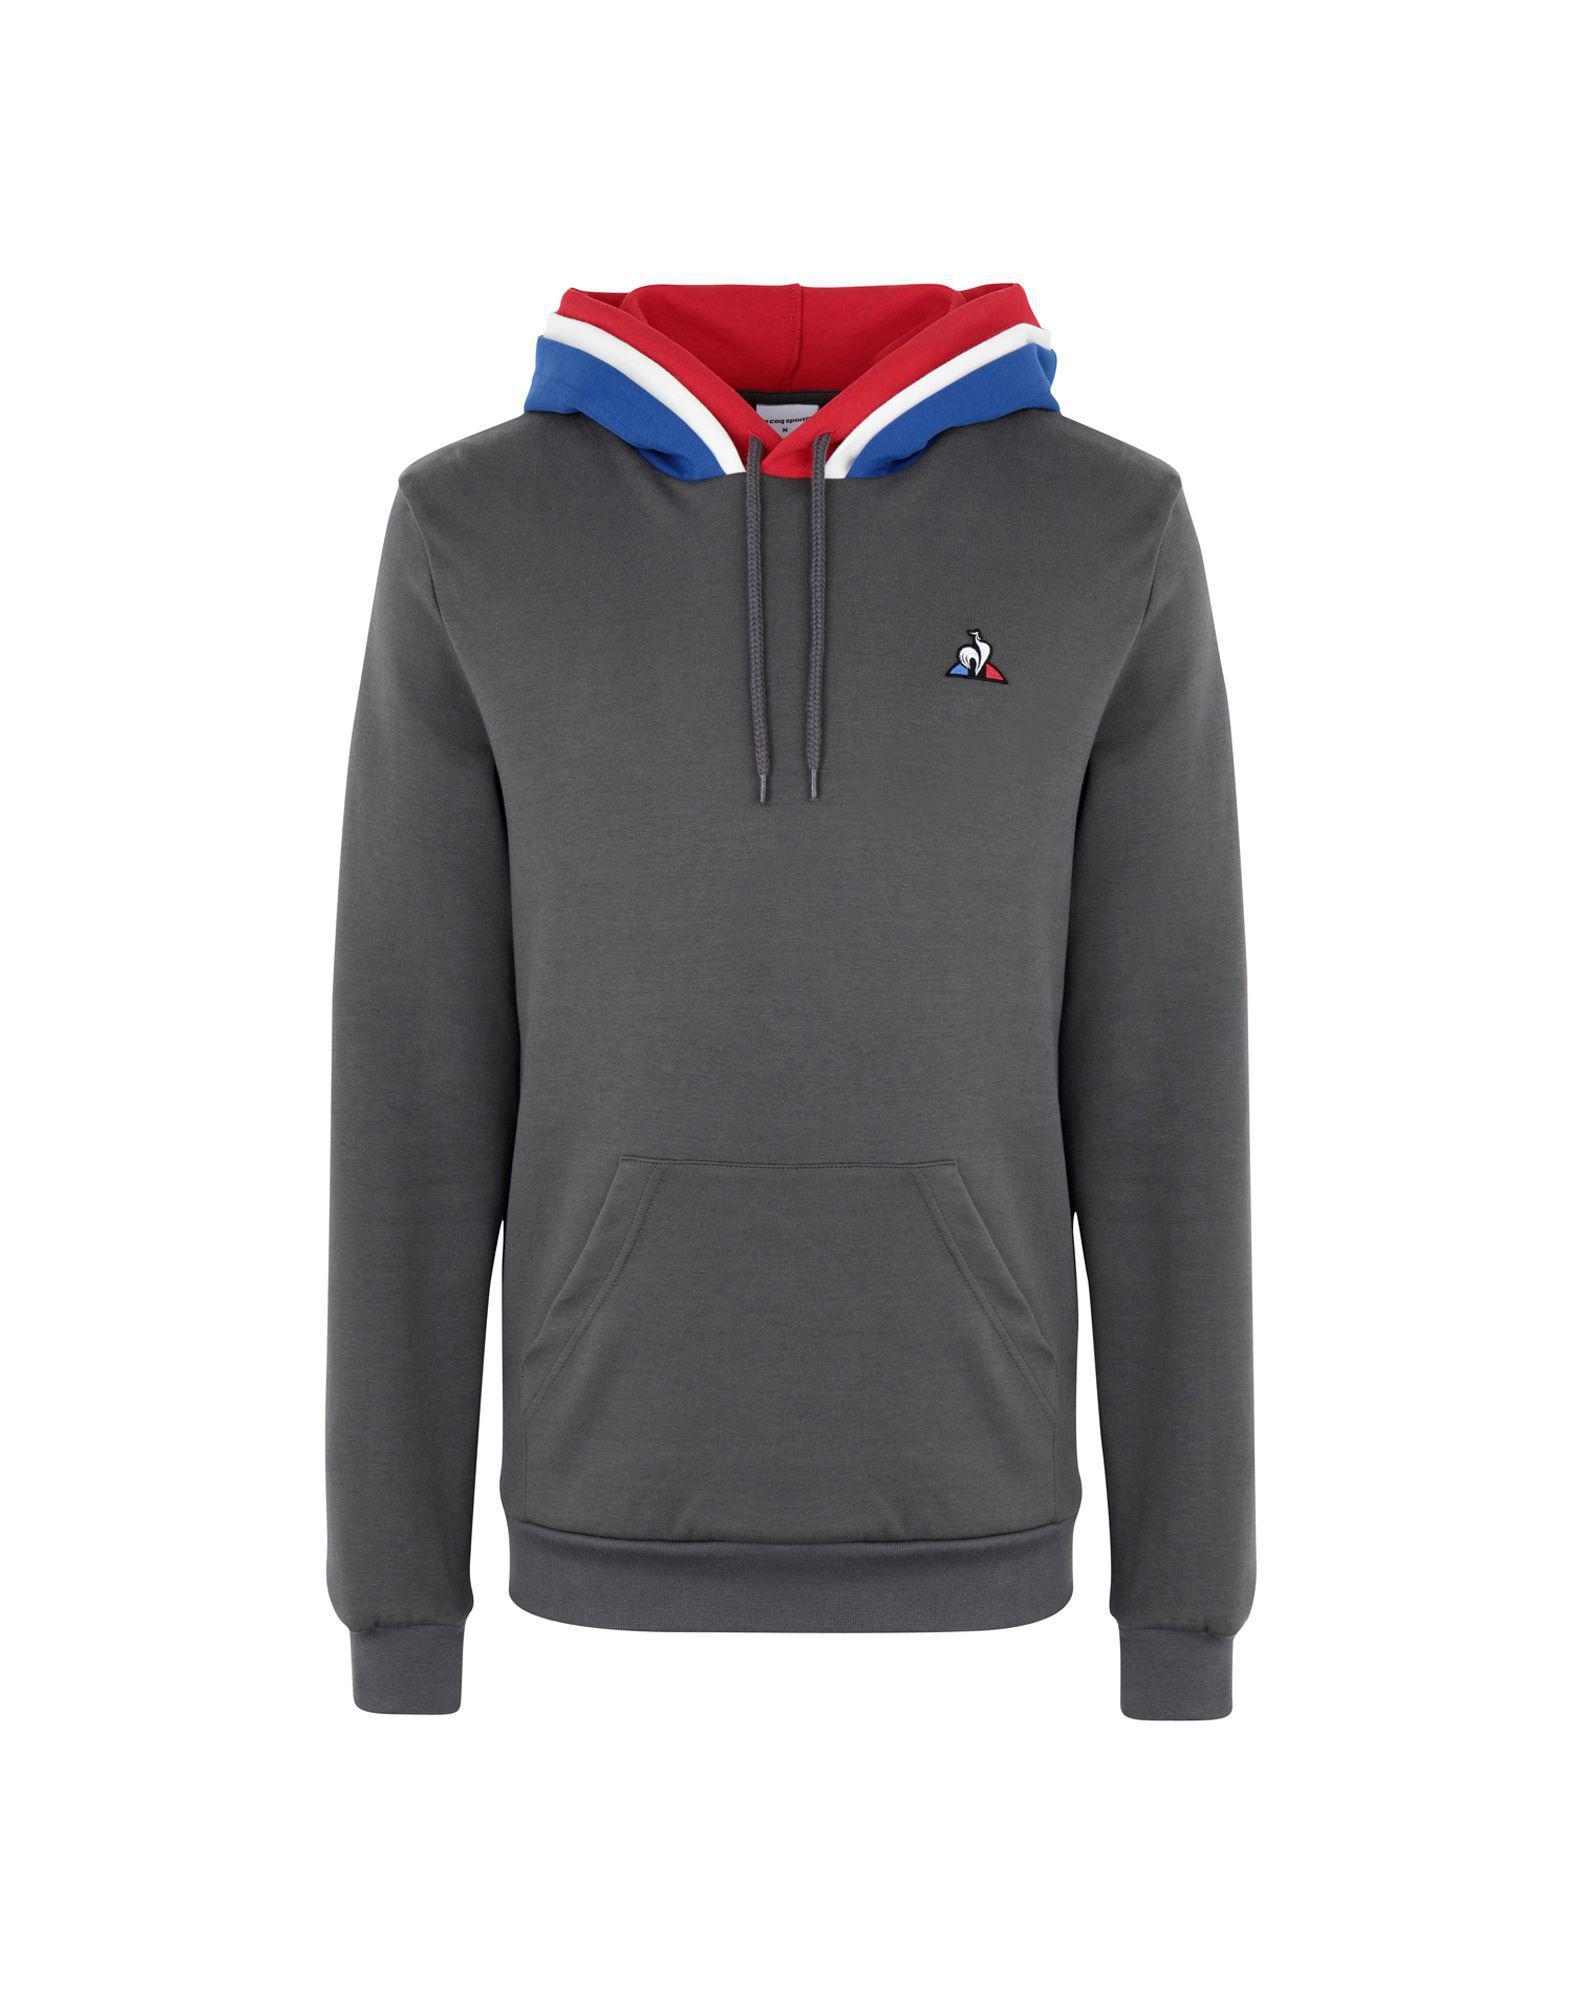 caa0621cb059 Lyst - Le Coq Sportif Sweatshirt in Gray for Men